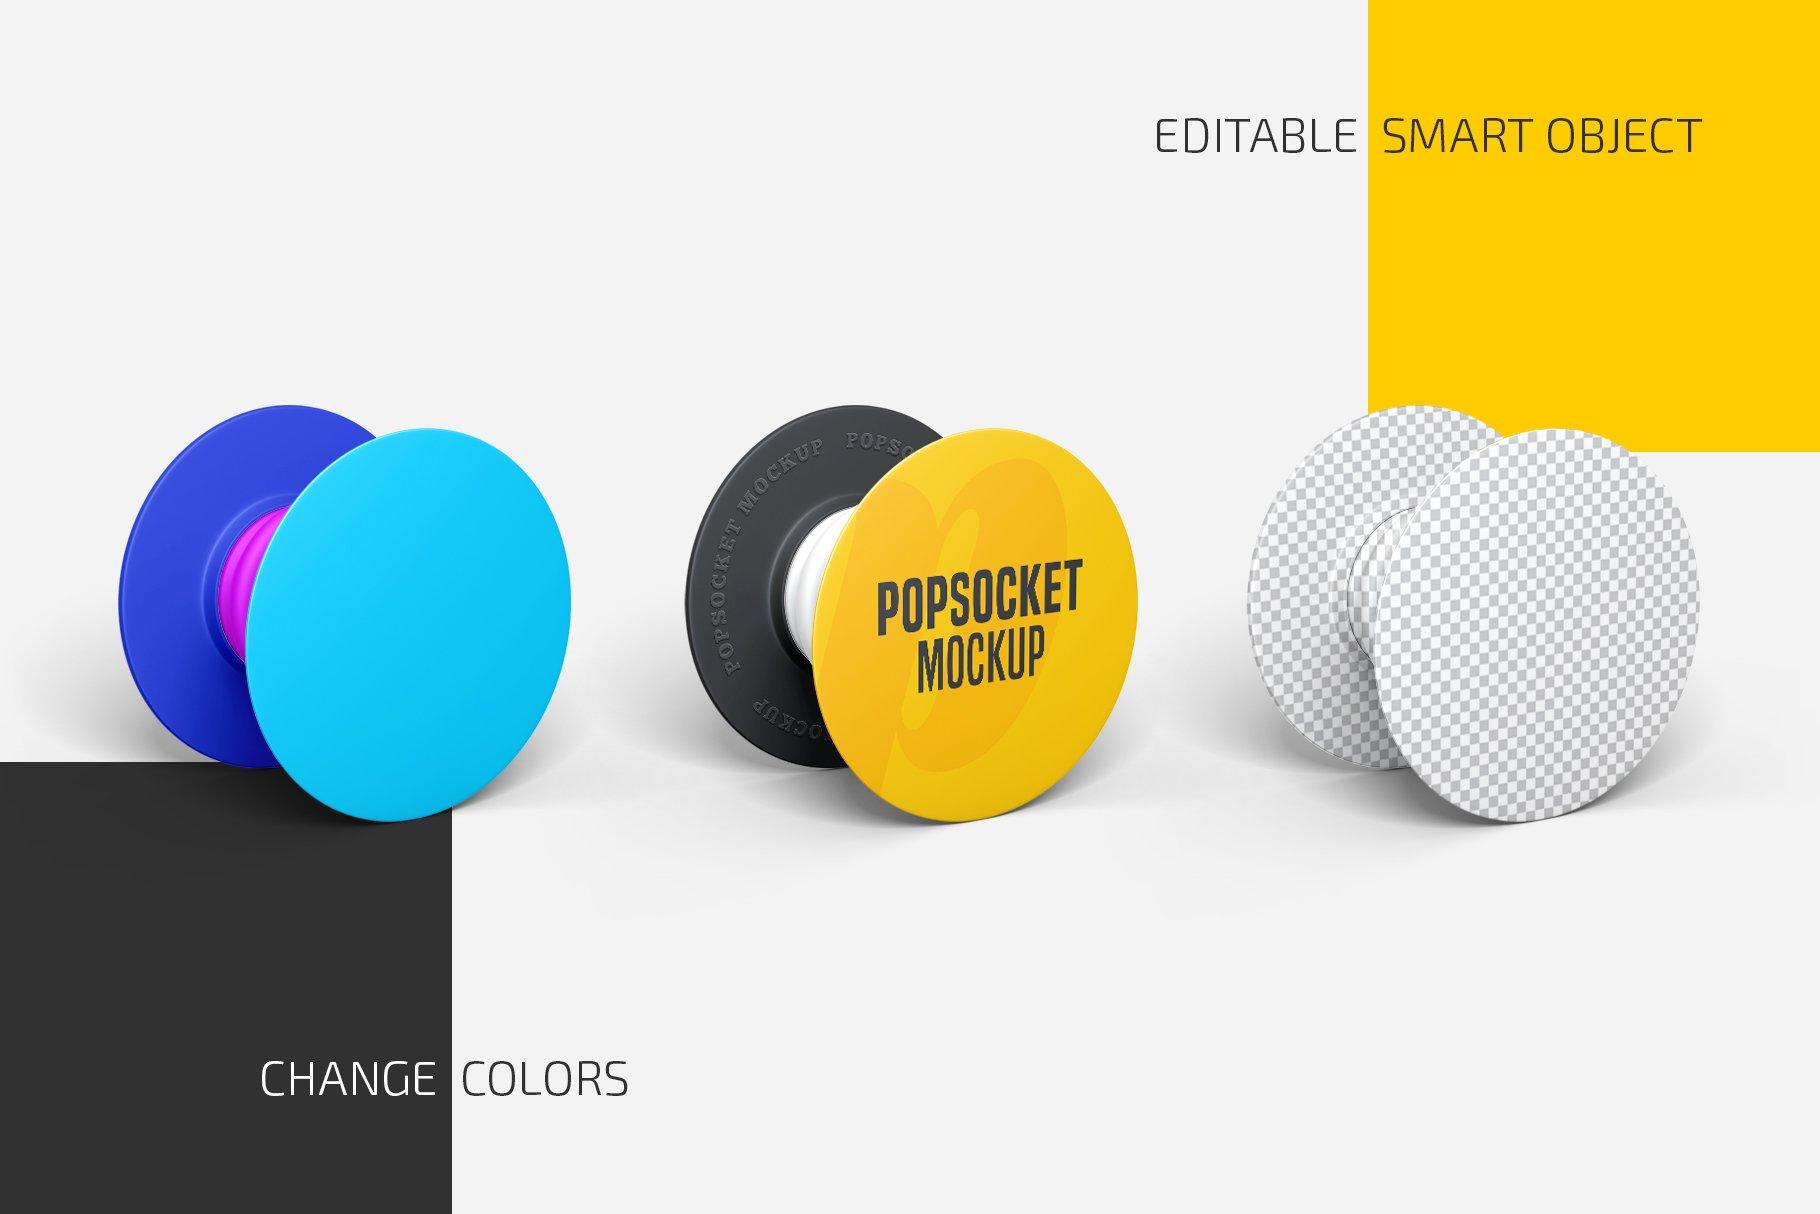 时尚手机移动设备磁铁粘扣样机模板 Popsocket Mockup Set插图1